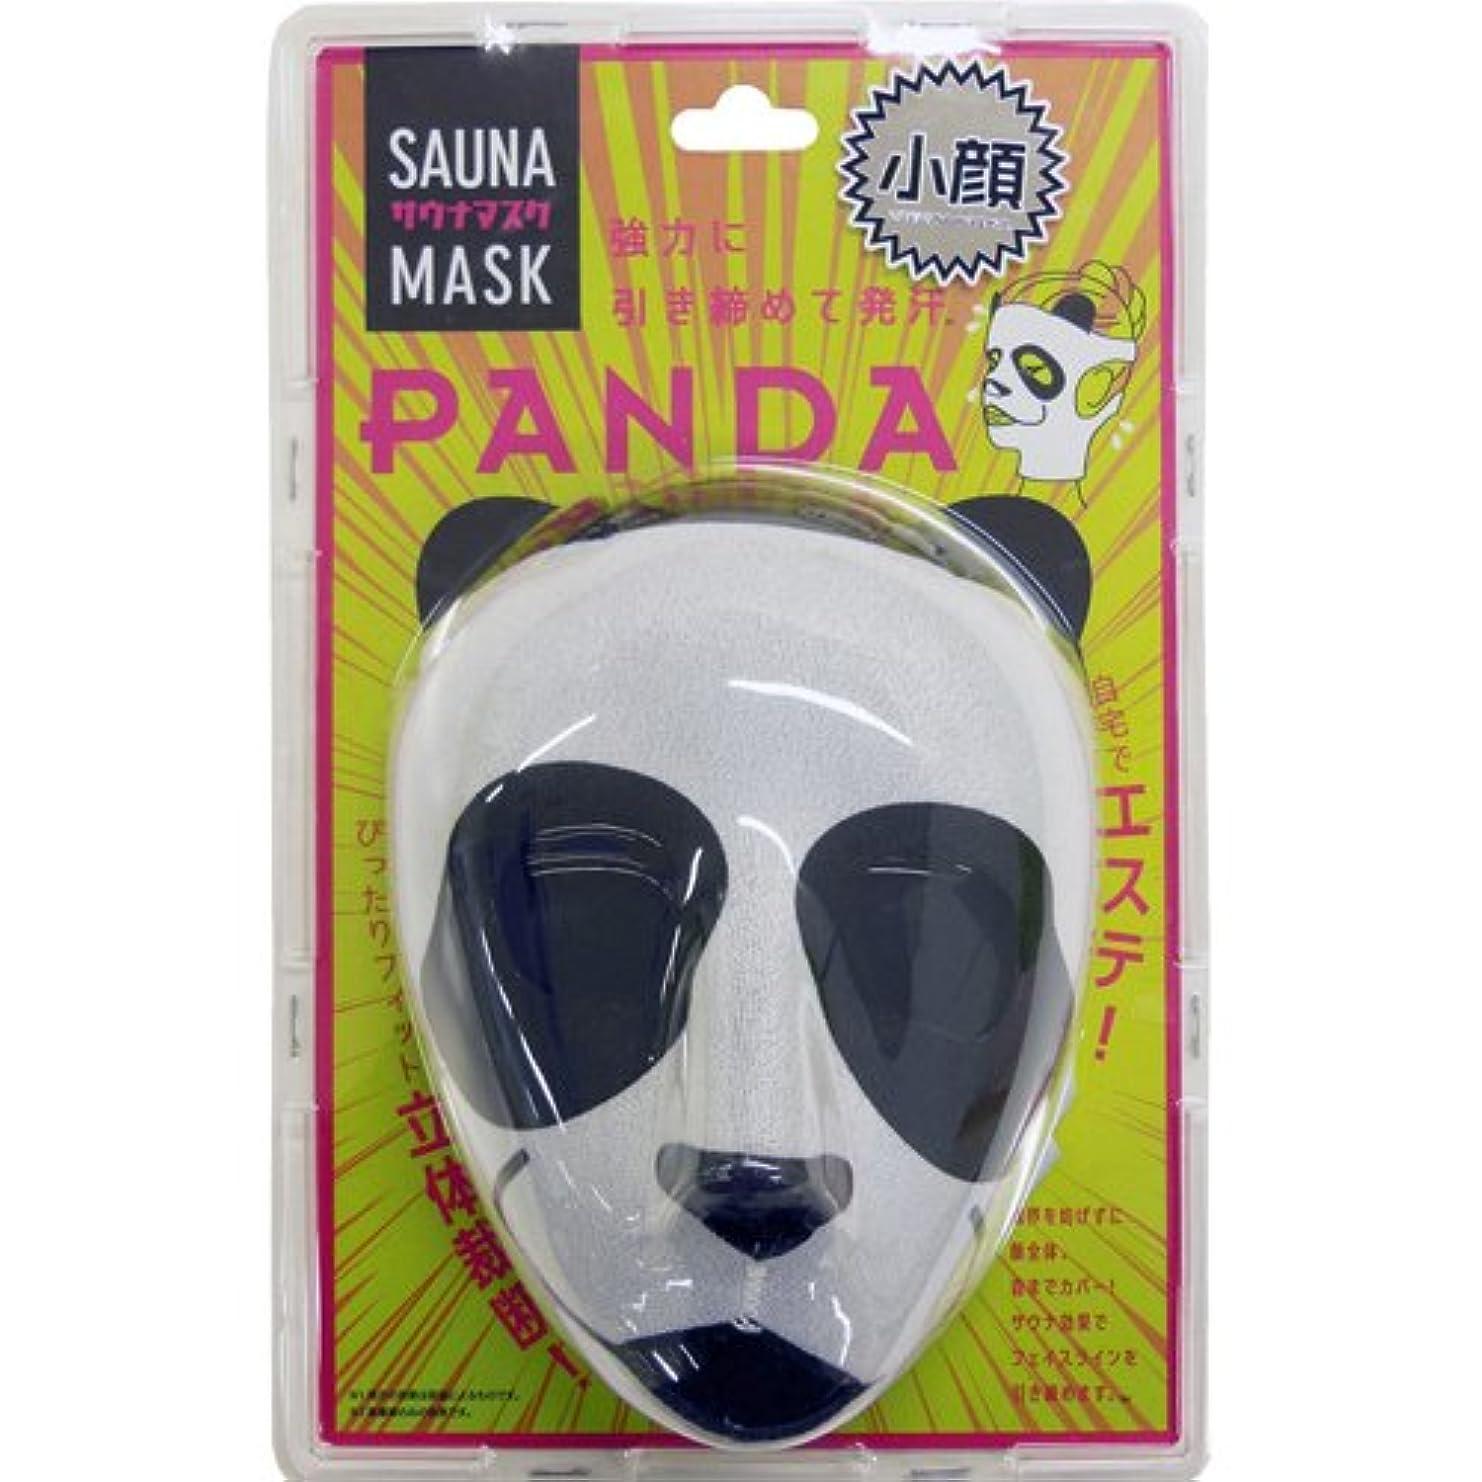 ブリーク精度プットコジット サウナマスク PANDA (1個)